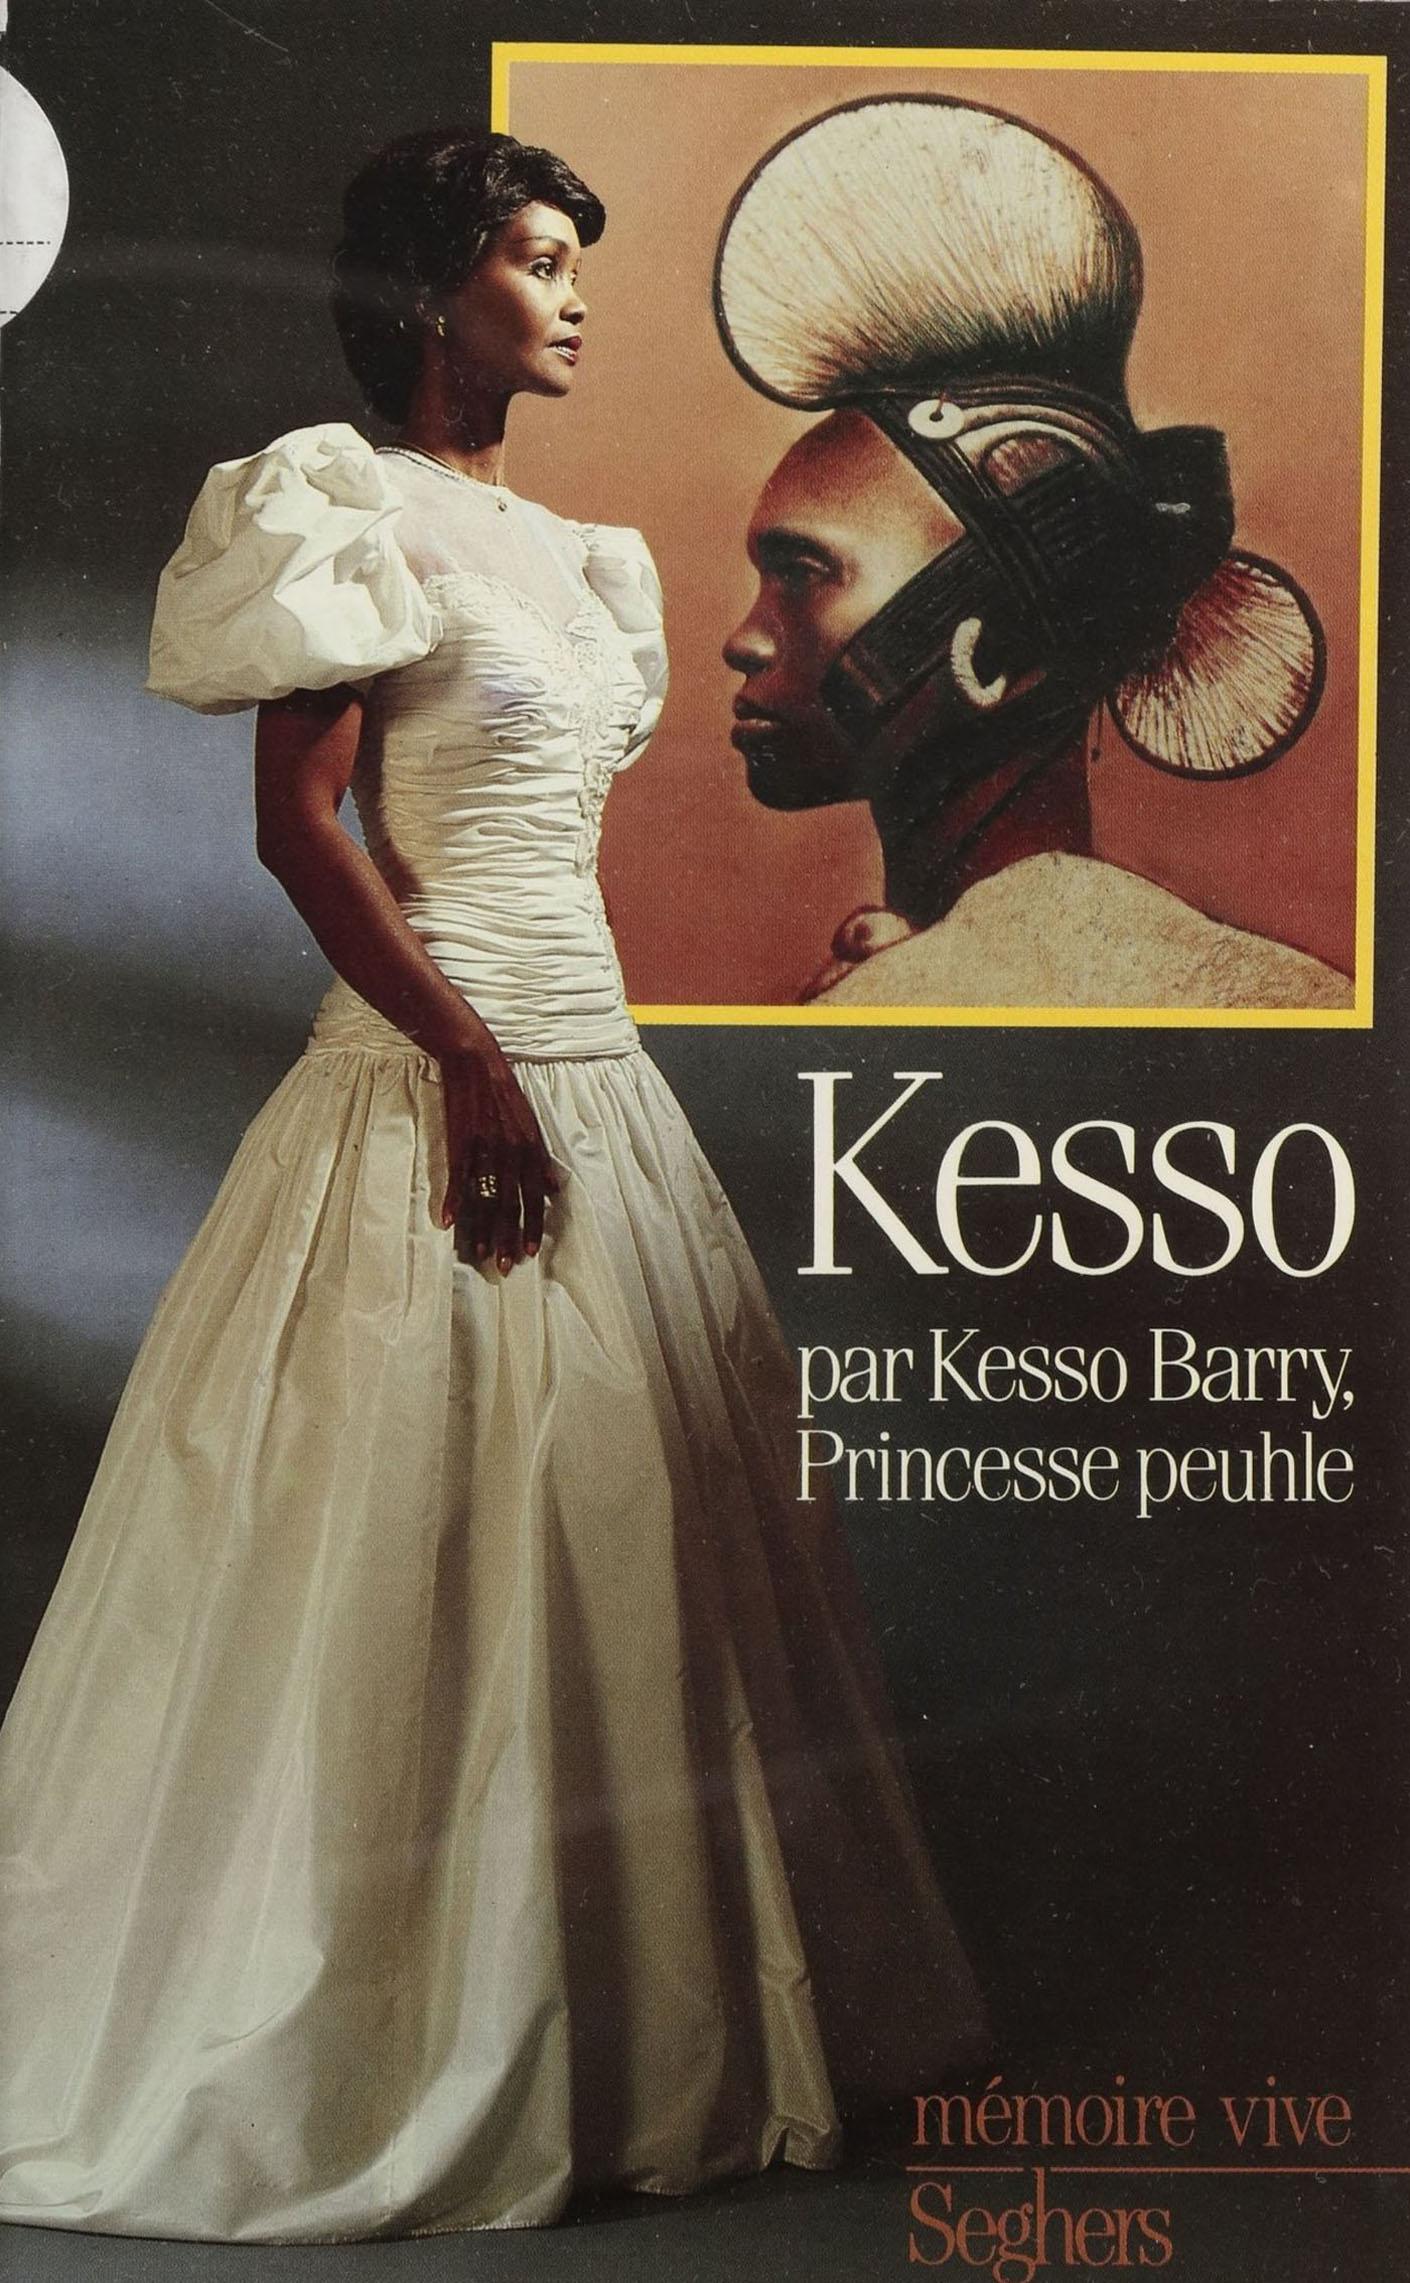 Kesso, princesse peuhle